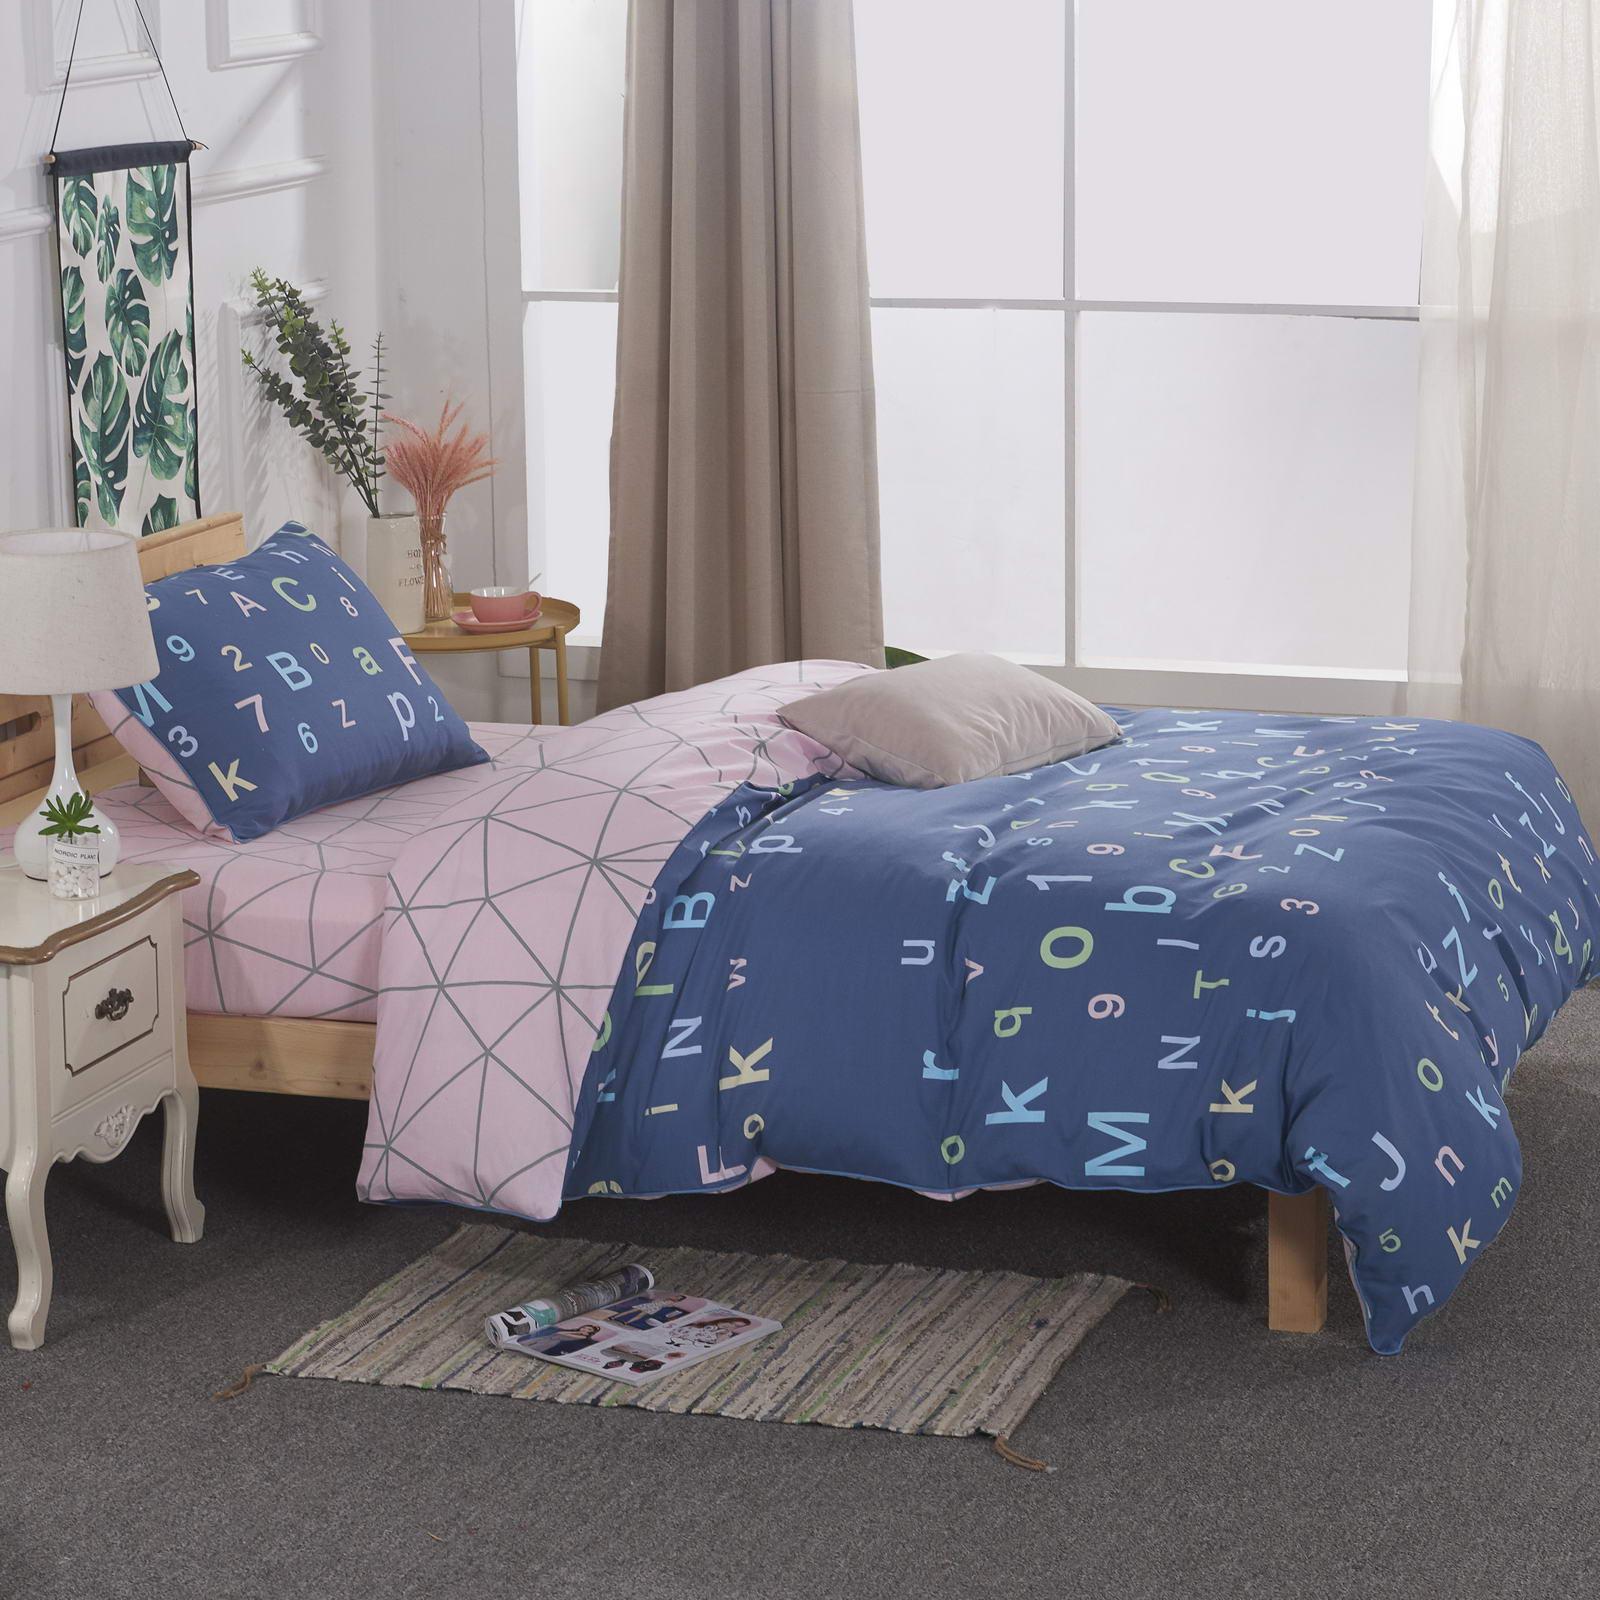 Комплект постельного белья Sofi De Marko Абвгдейка Детский полутороспальный (ДЕТ-530) фото